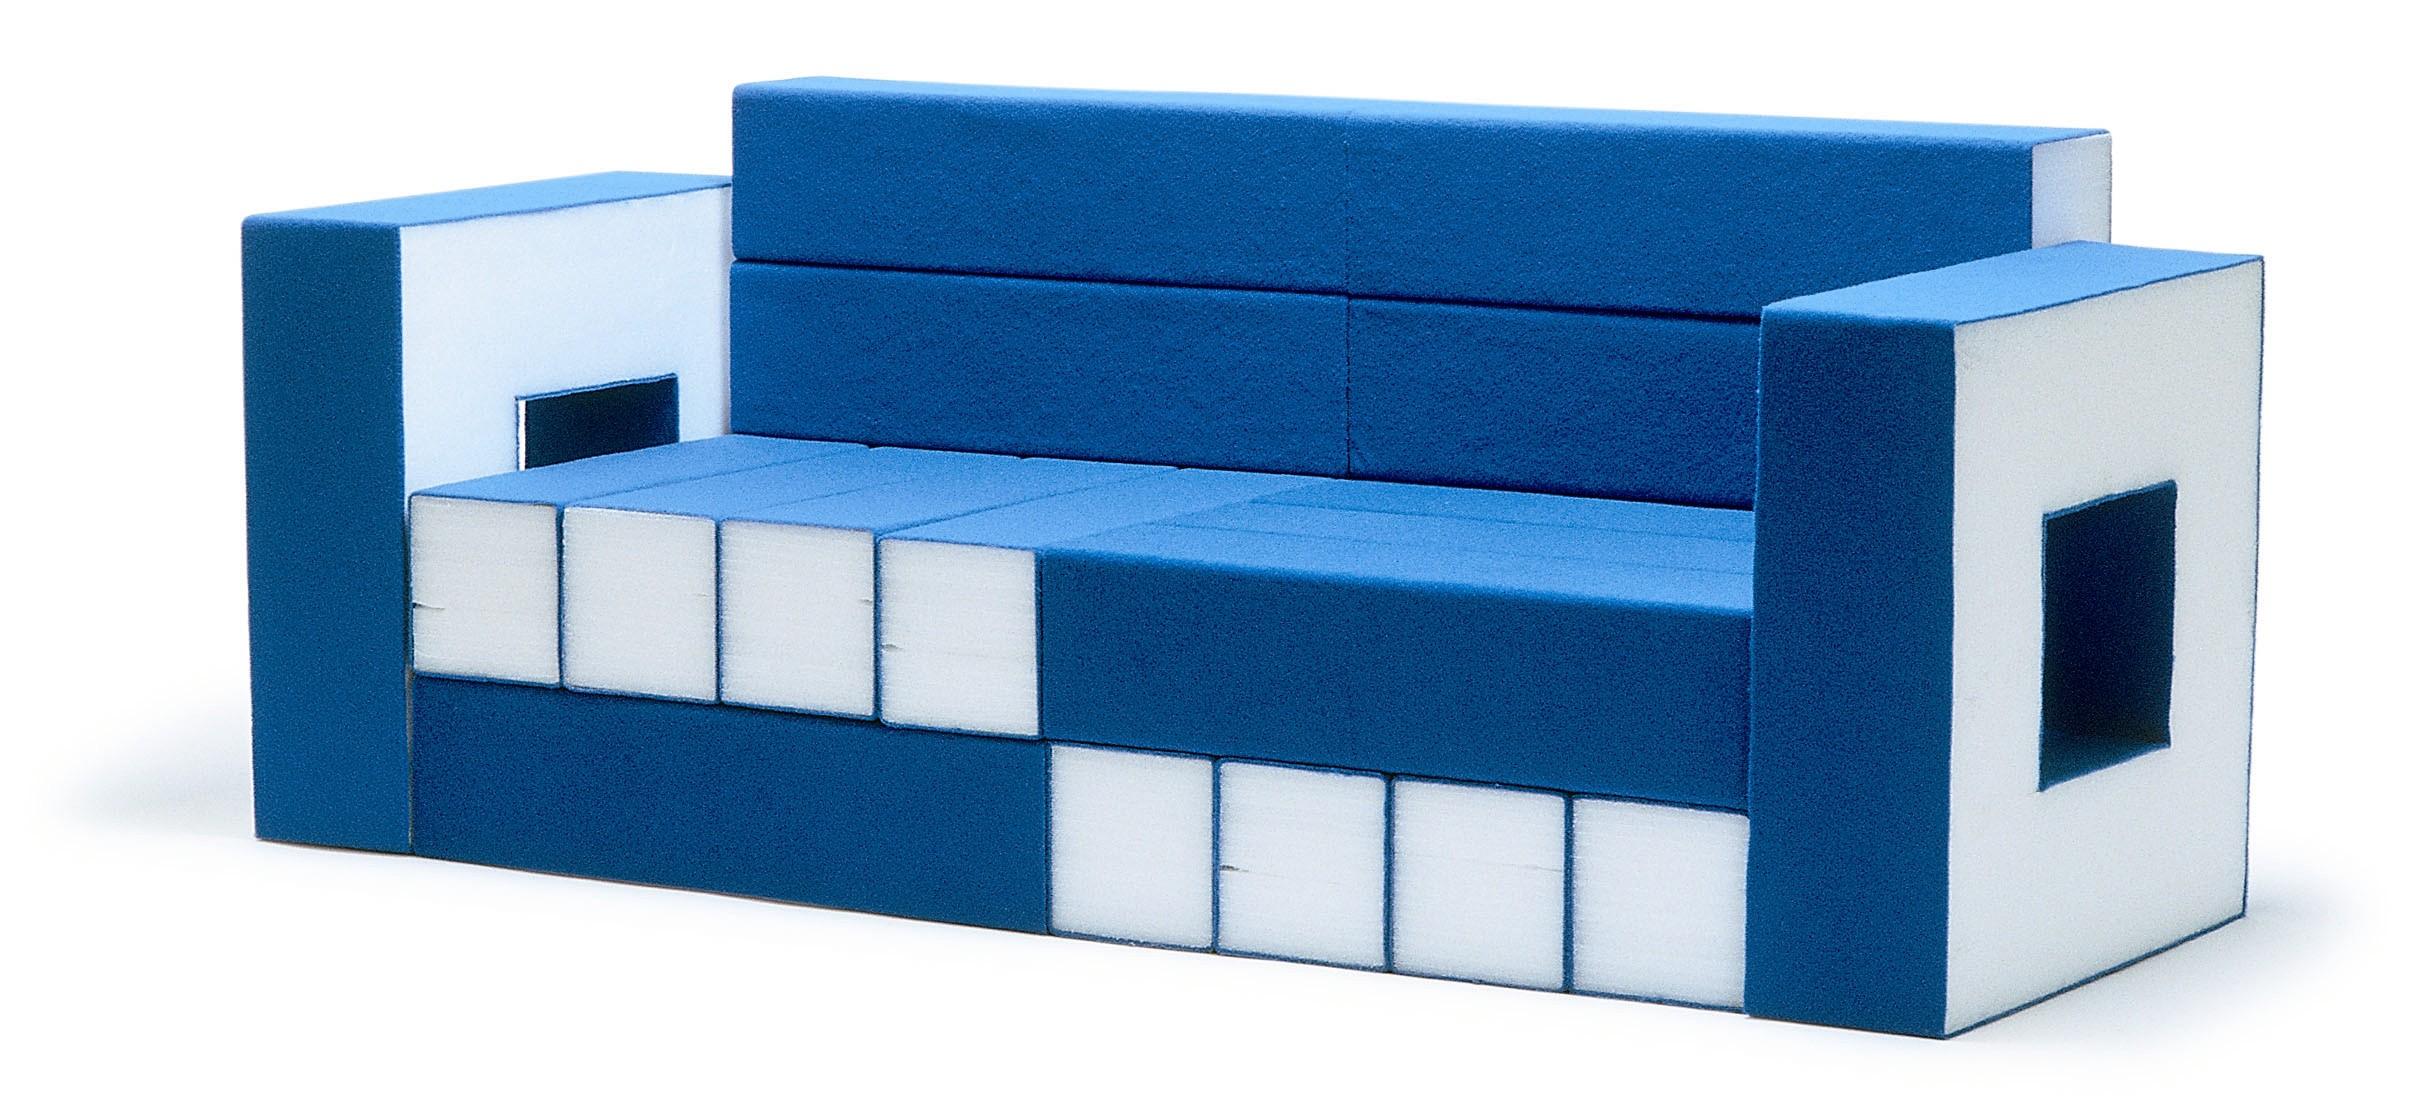 zoom sensible cav goutte d 39 or. Black Bedroom Furniture Sets. Home Design Ideas